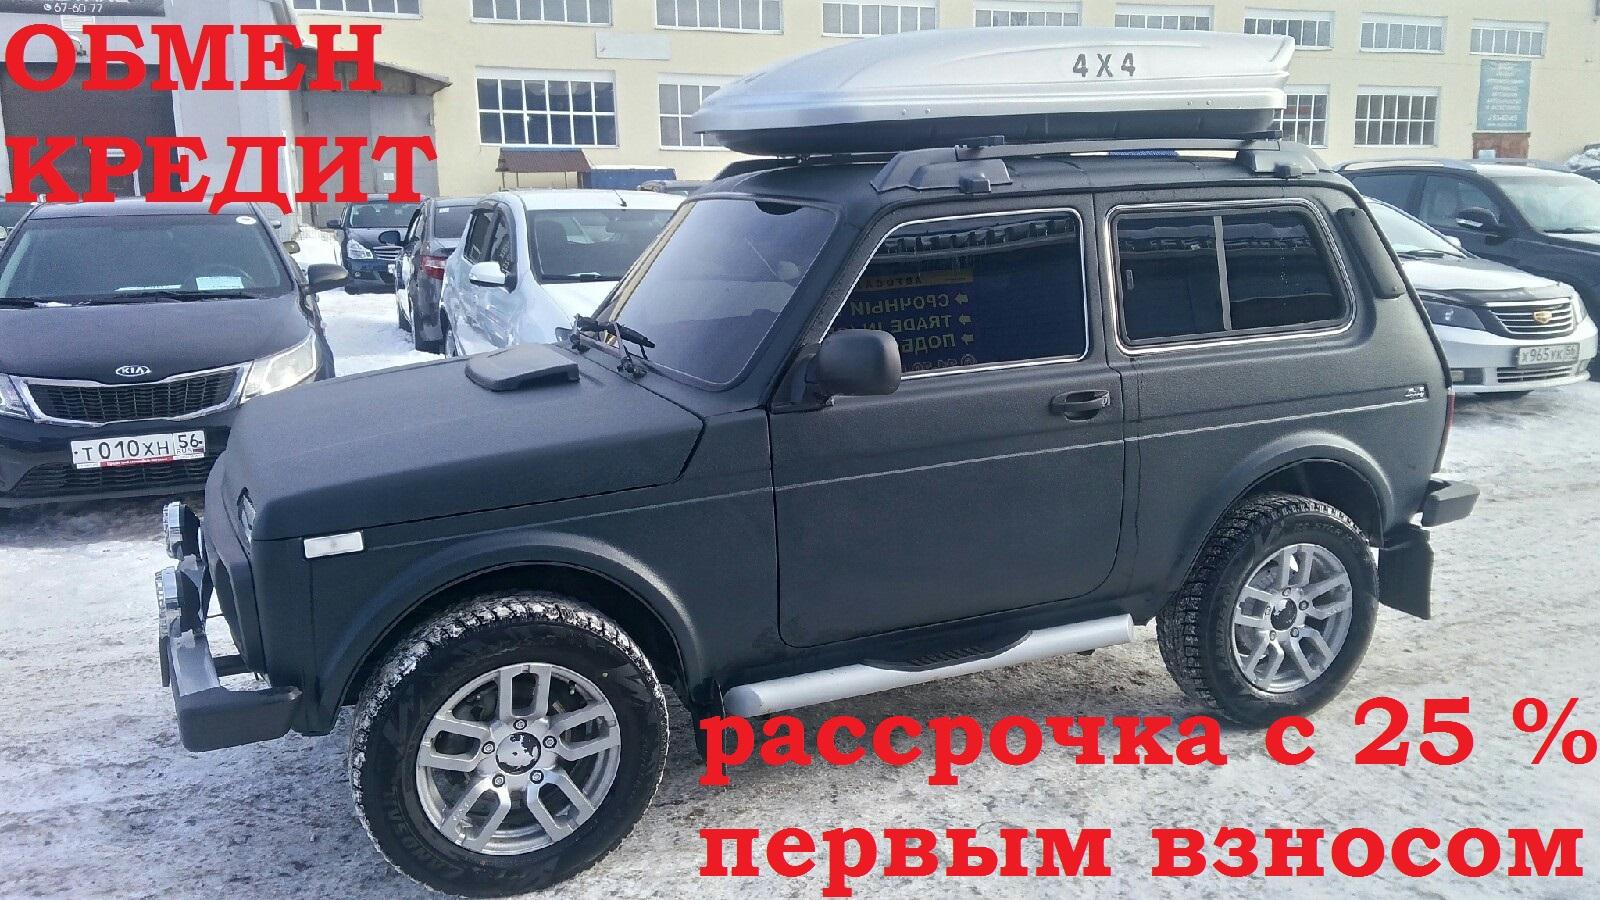 LADA 4x4 2017 год. Состояние нового авто. | Объявления Орска и Новотроицка №1953